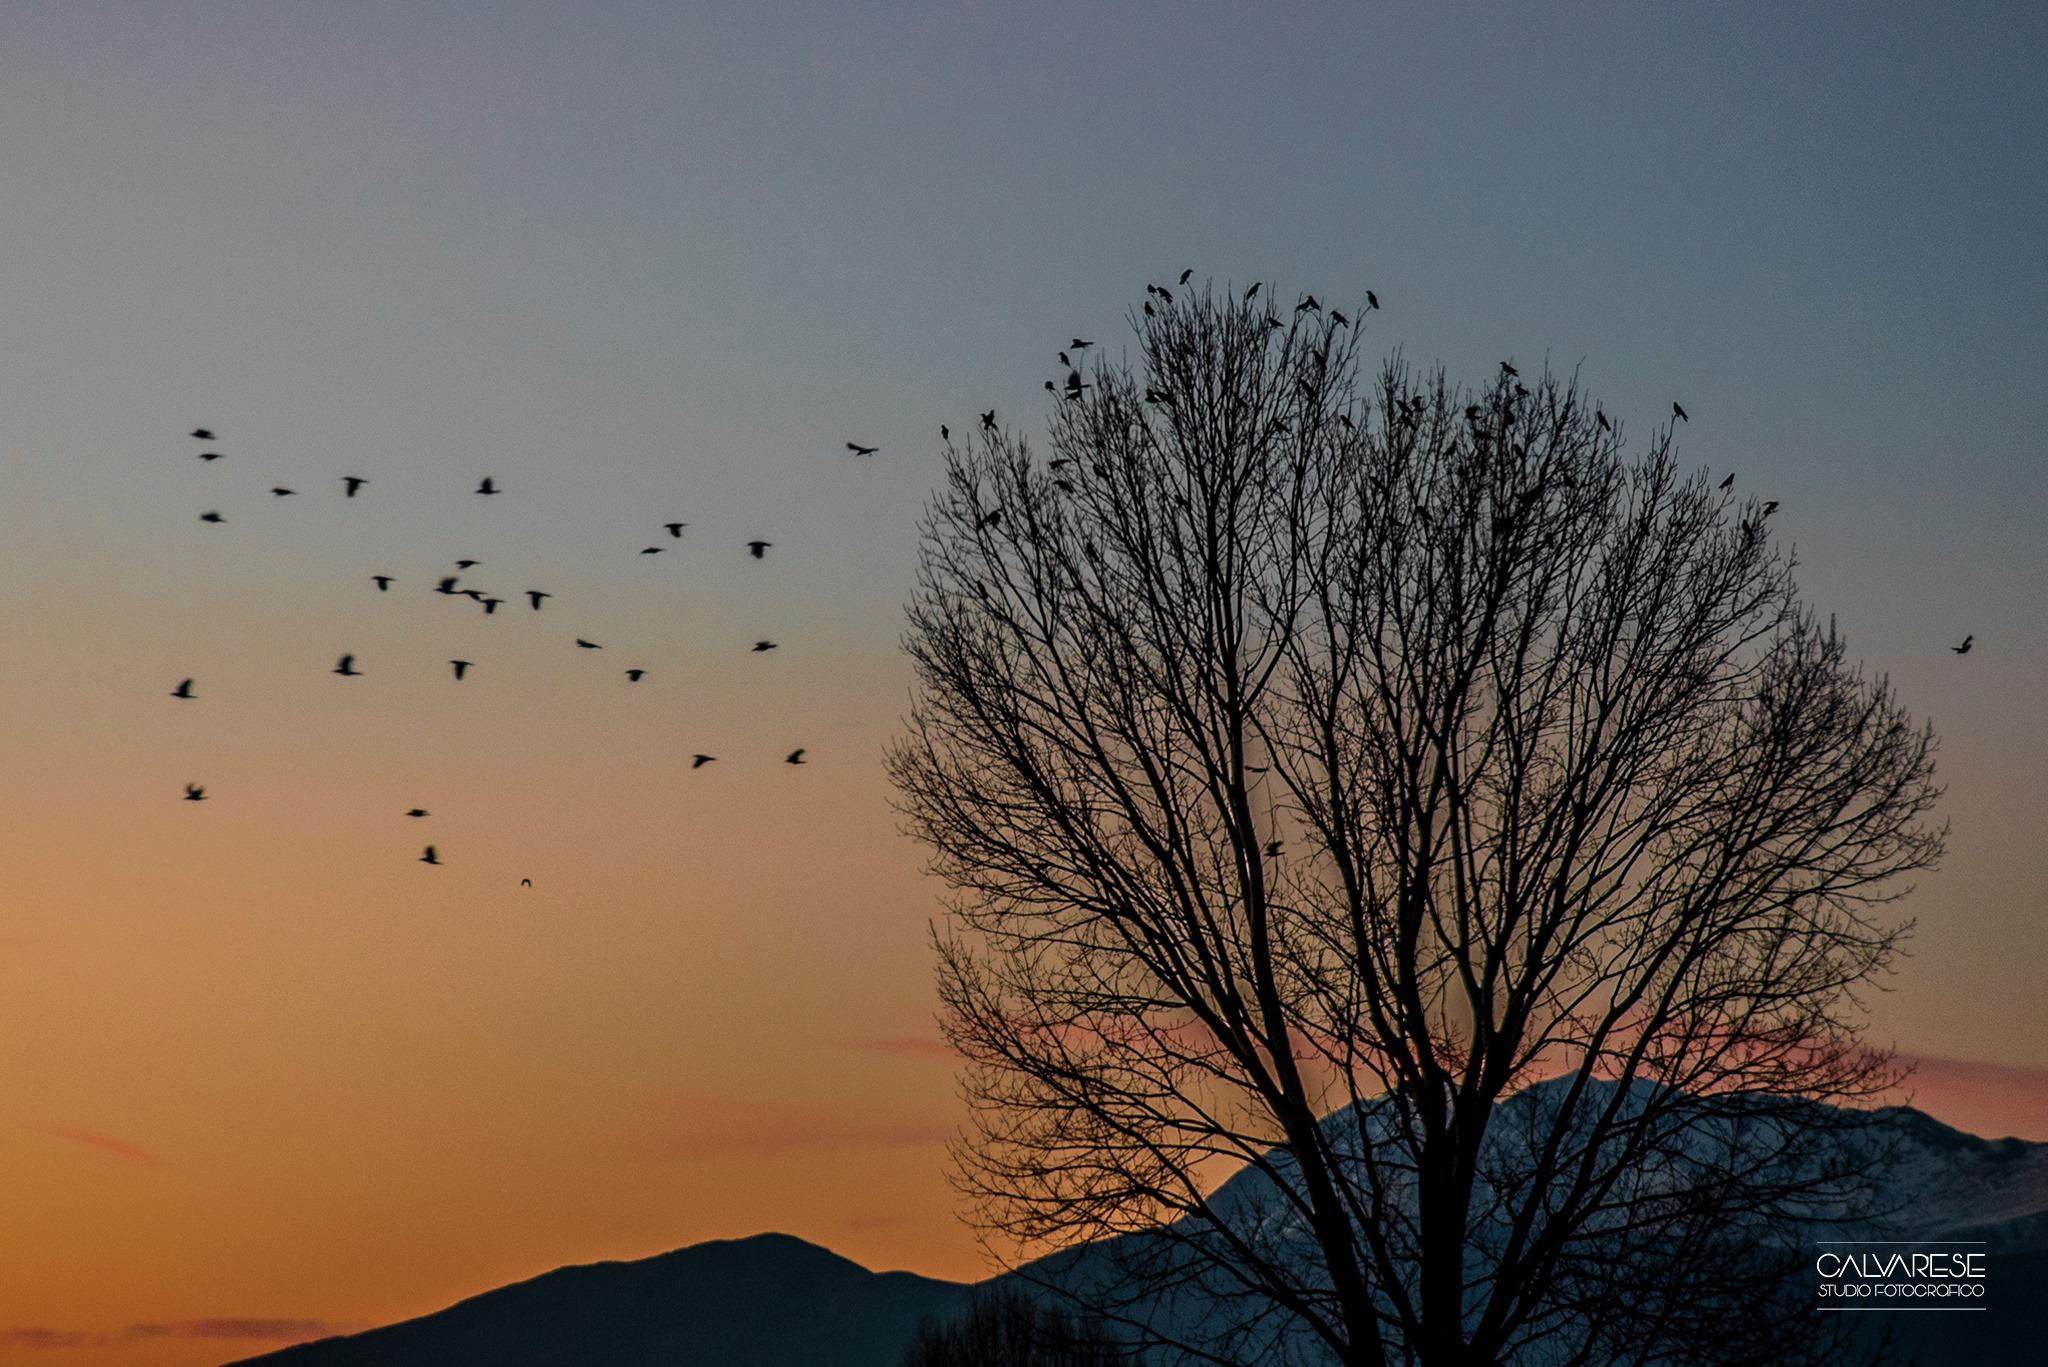 Tramonto sul Fucino: gli scatti del fotografo Gianluca Calvarese regalano scenari bellissimi della nostra terra